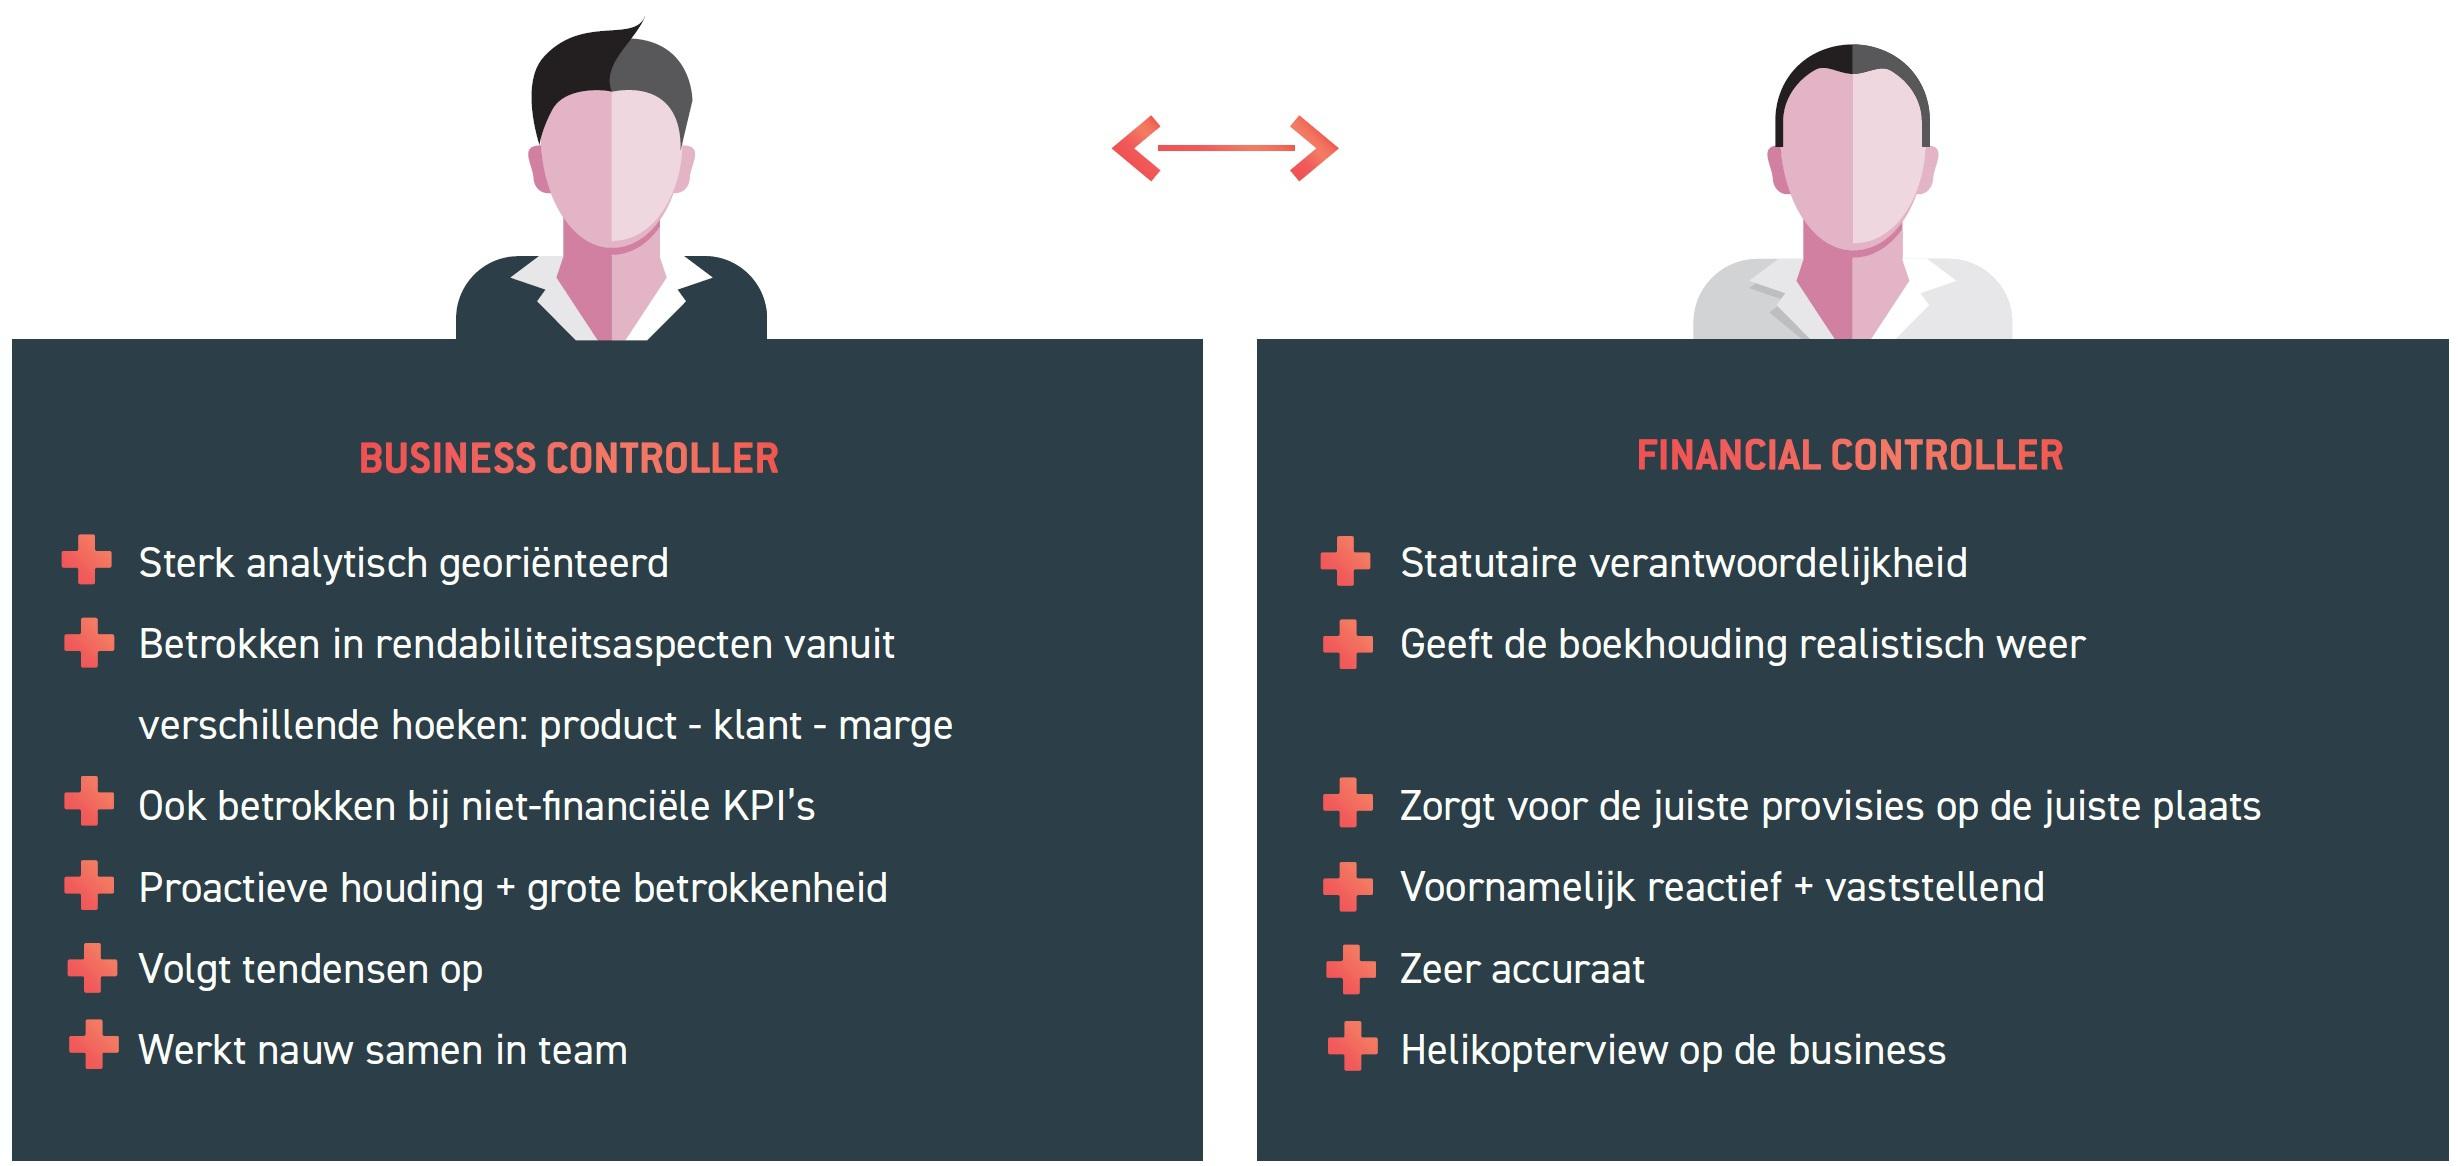 Het verschil tussen een business controller en financial controller